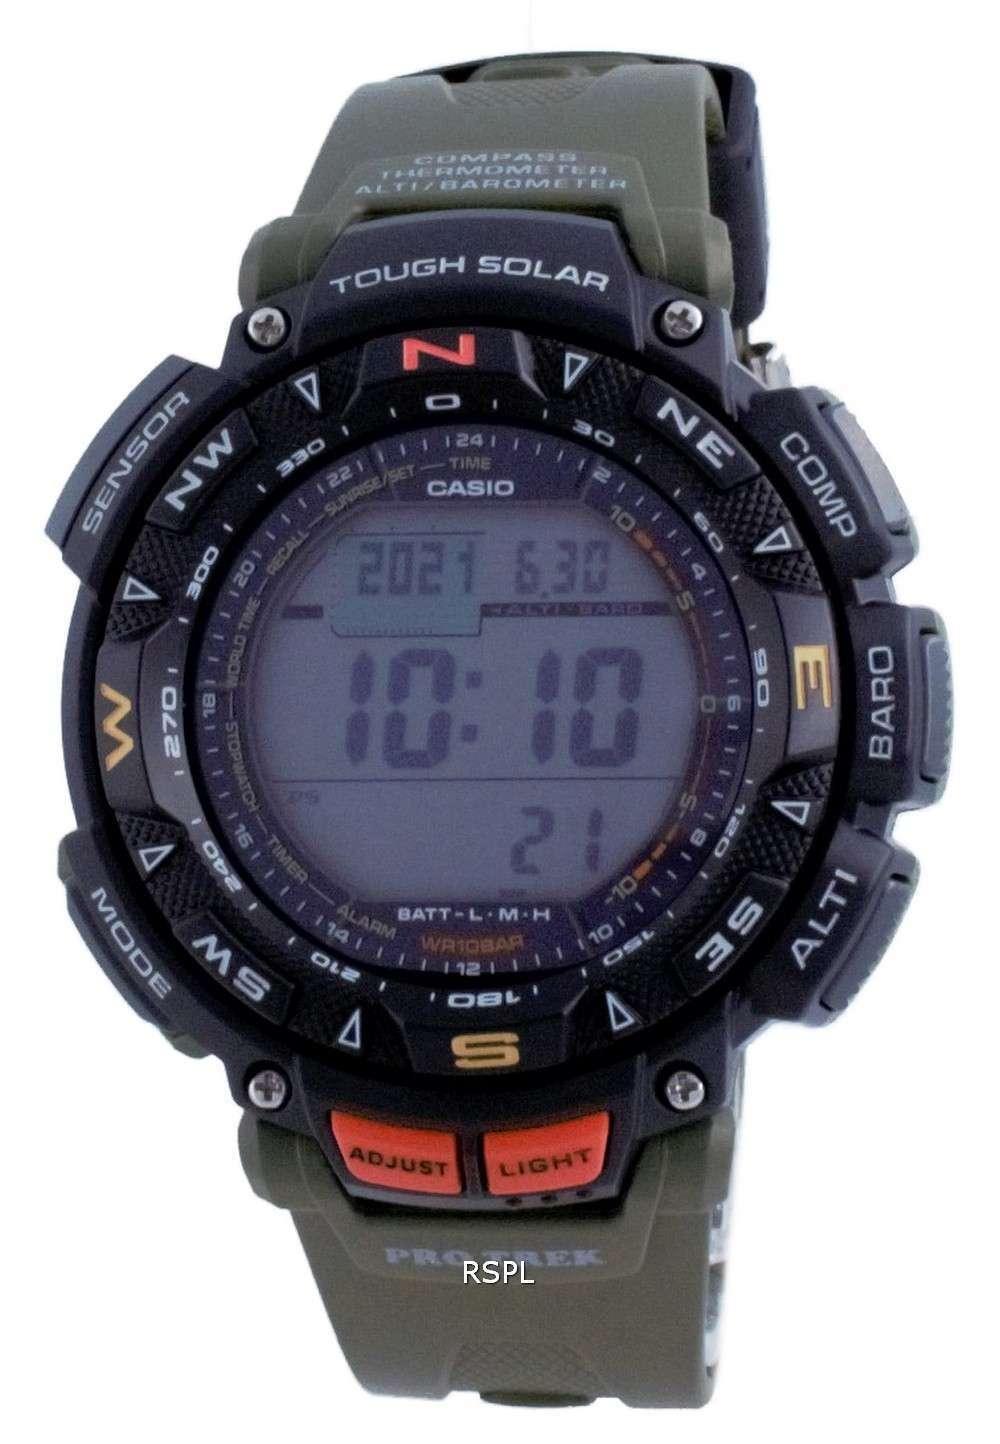 Reloj Casio Protrek Tough Solar Digital Compass PRG-240-3 PRG240-3 100M para hombre